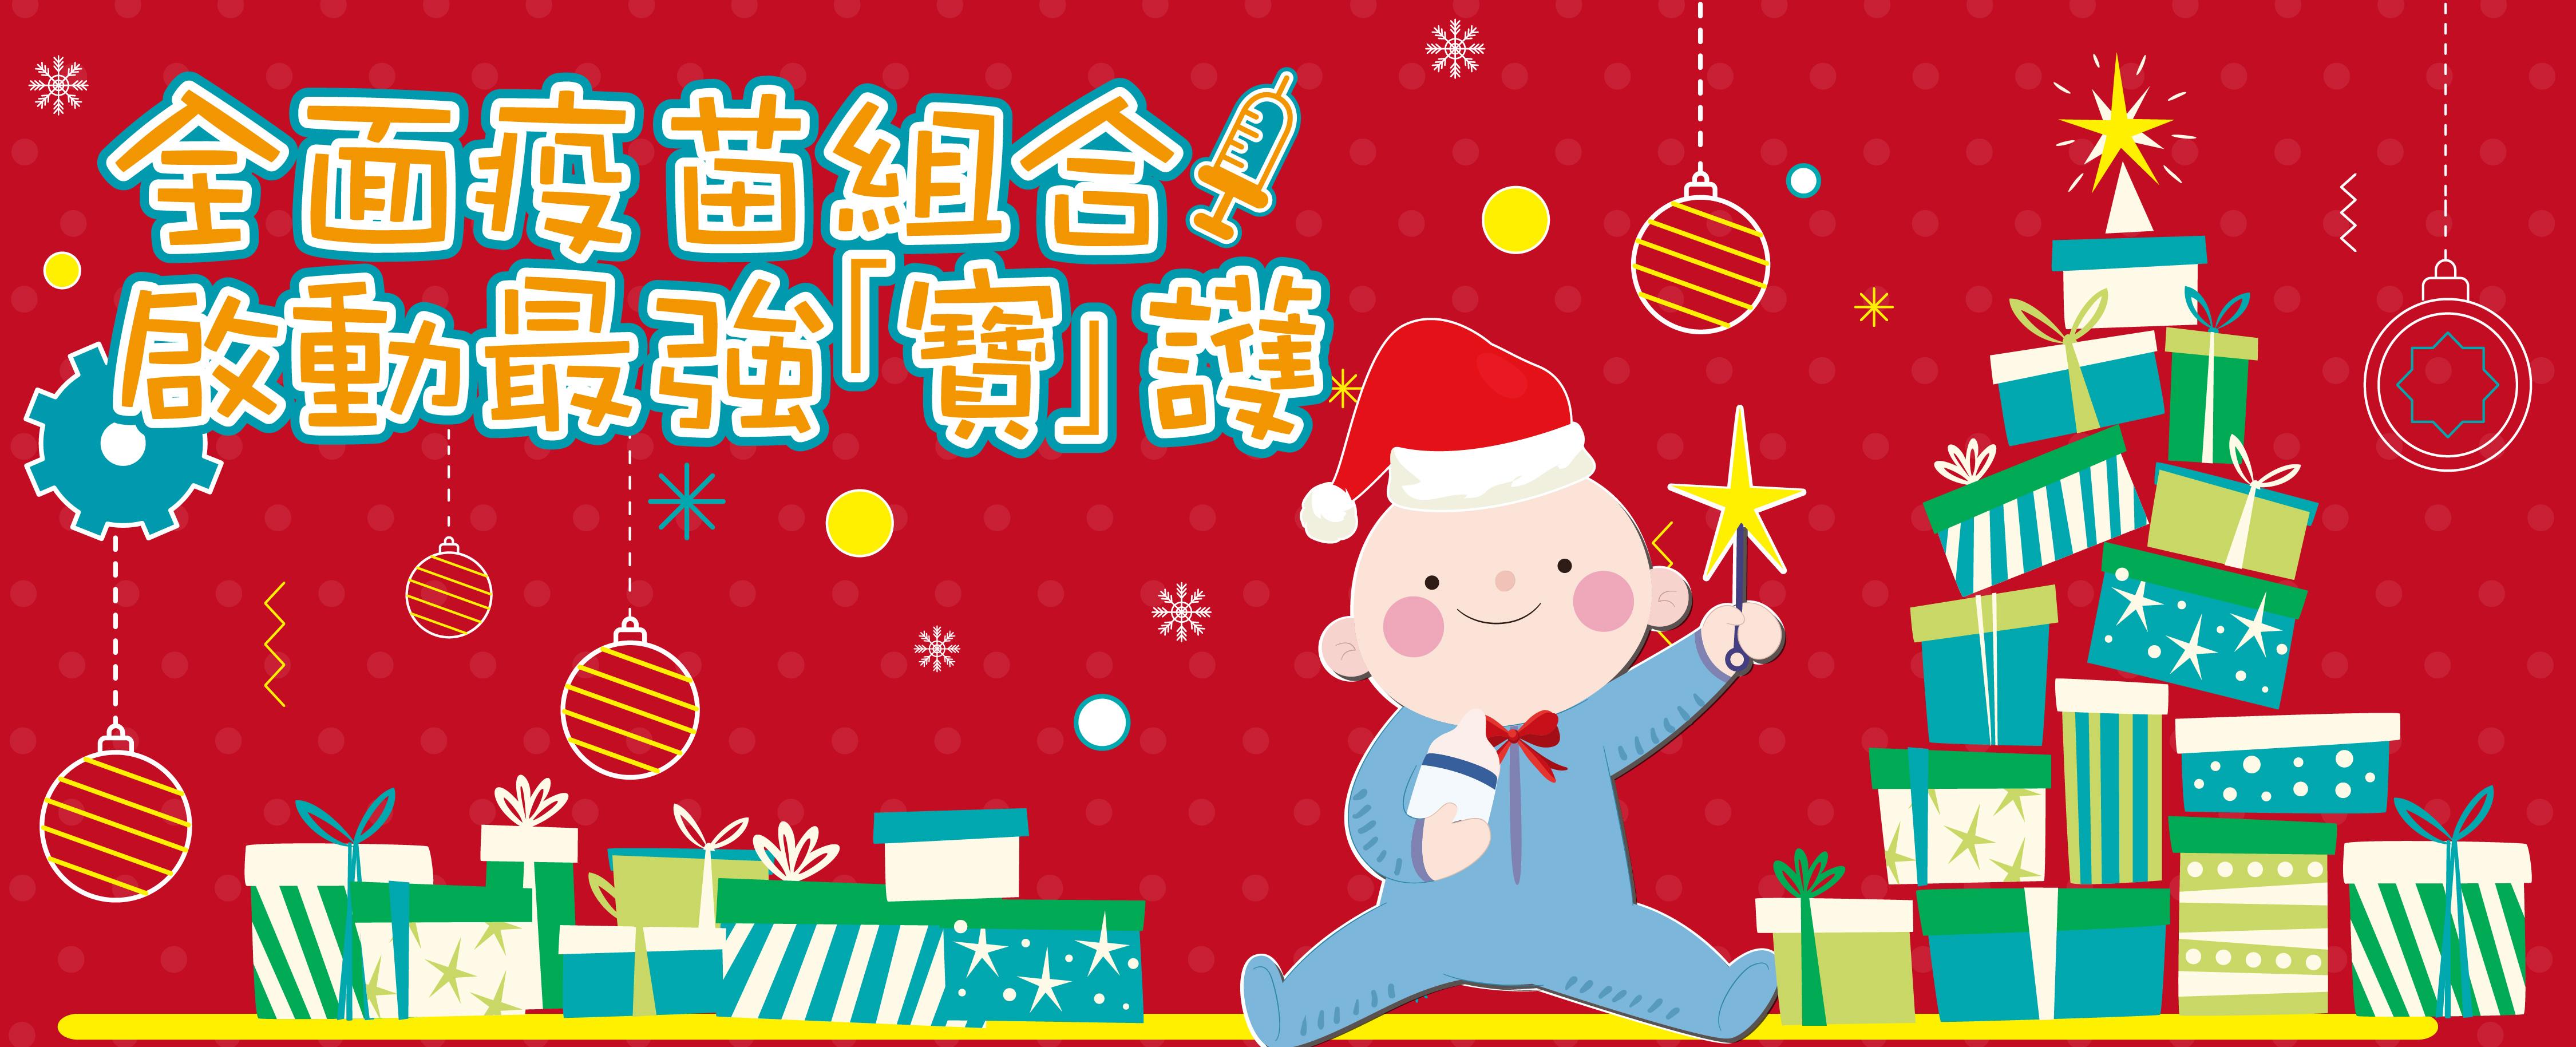 Medtimes聖誕驚喜優惠